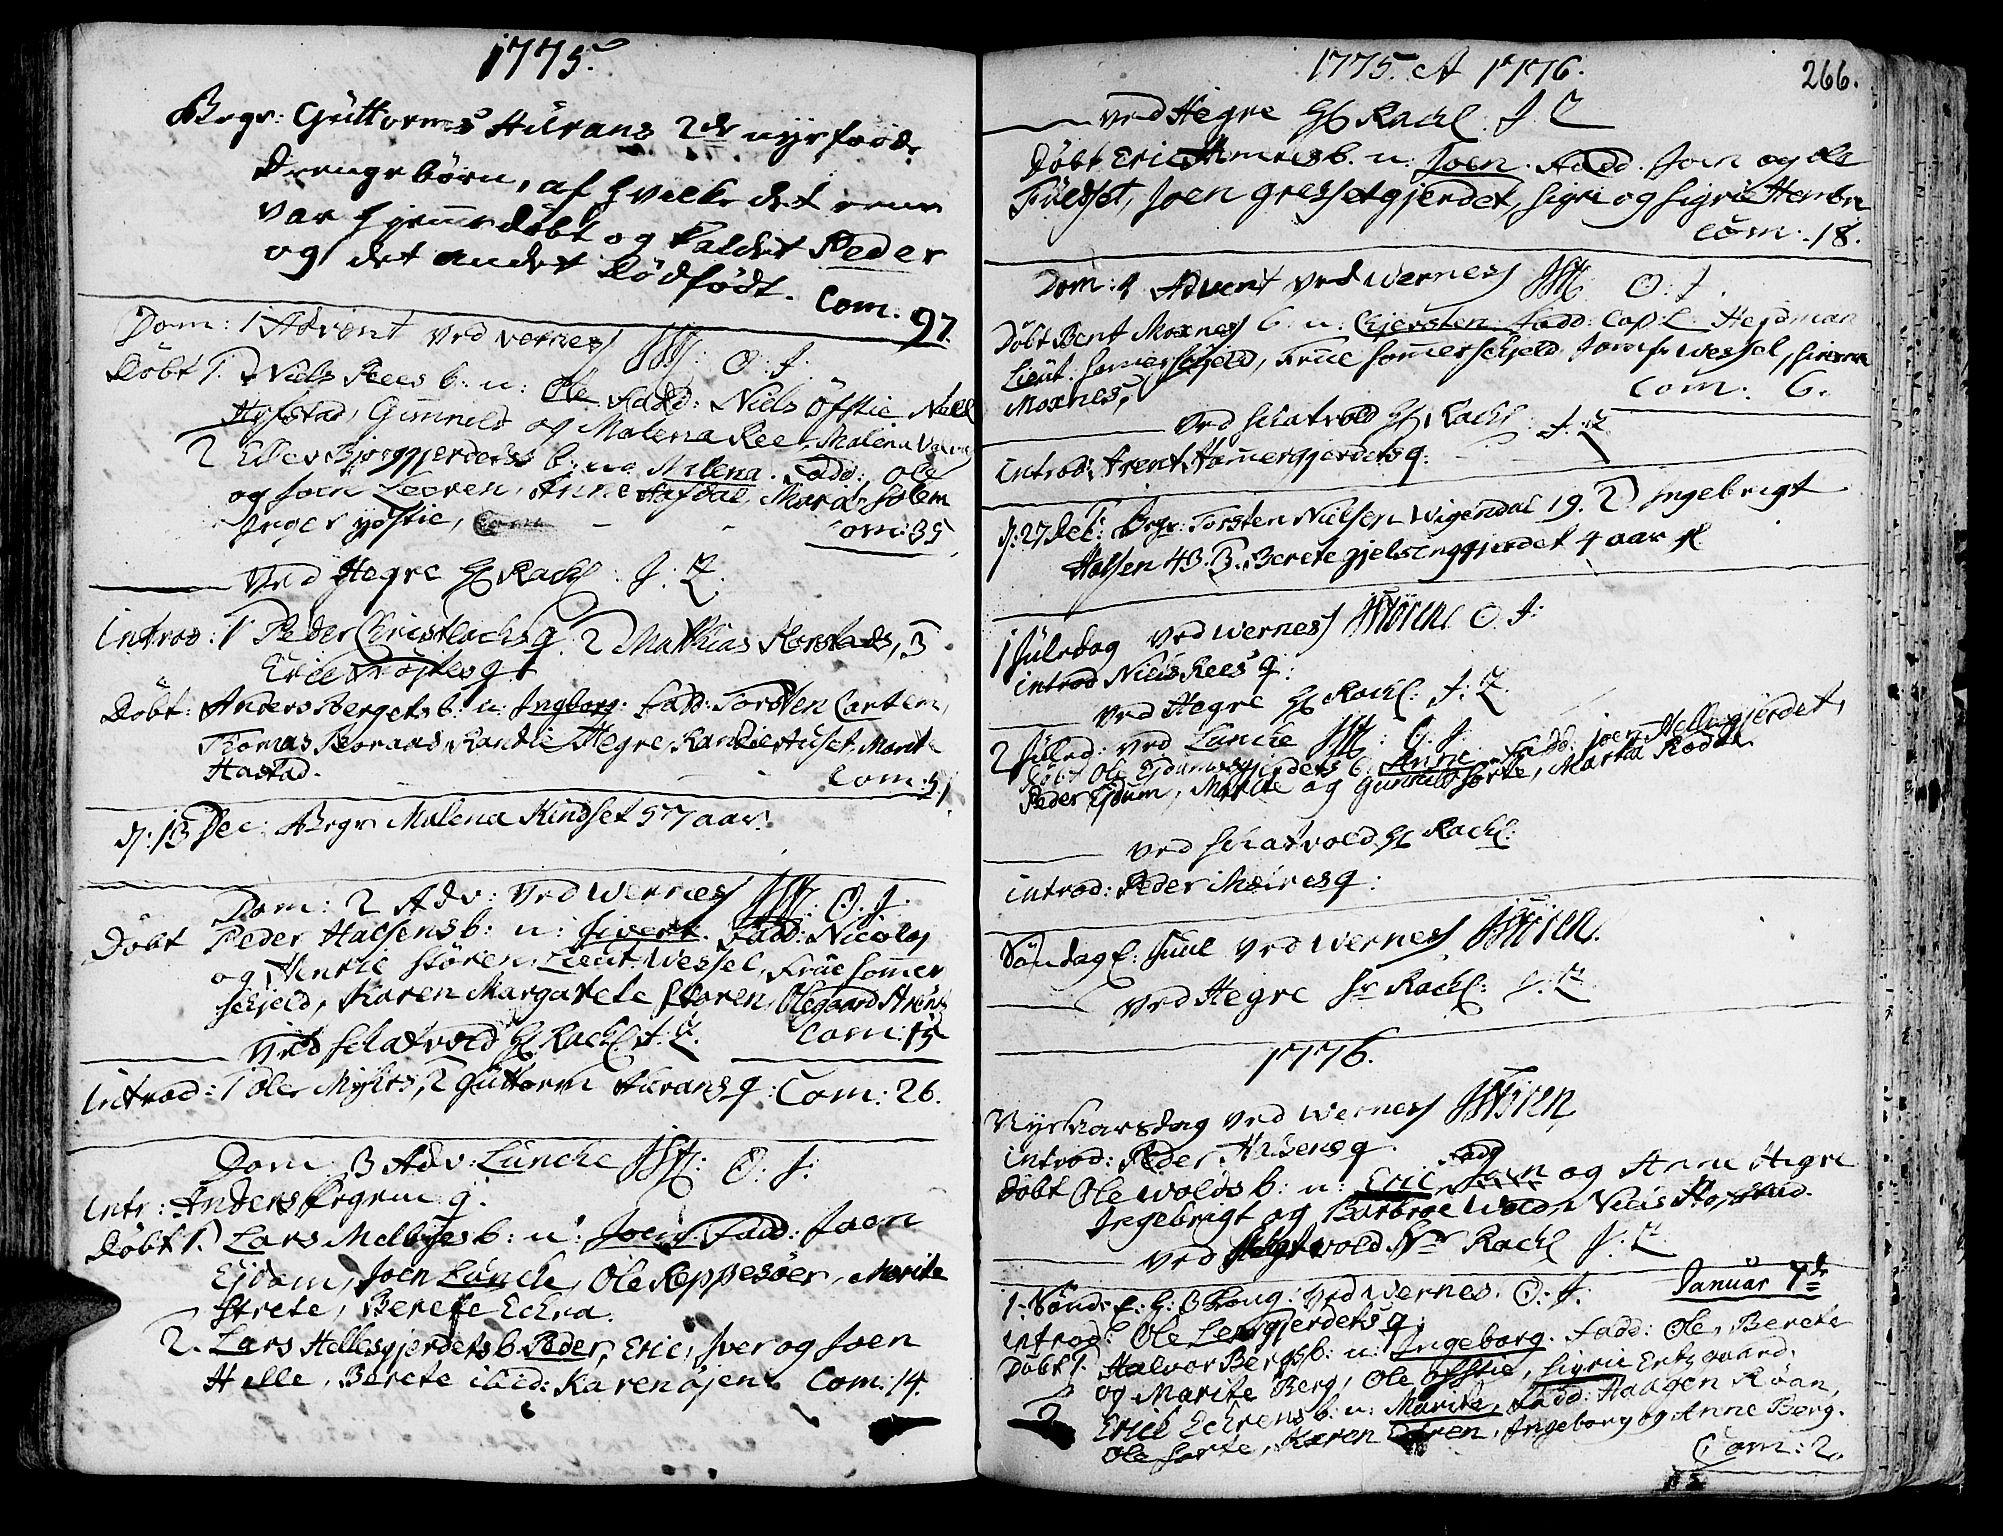 SAT, Ministerialprotokoller, klokkerbøker og fødselsregistre - Nord-Trøndelag, 709/L0057: Ministerialbok nr. 709A05, 1755-1780, s. 266